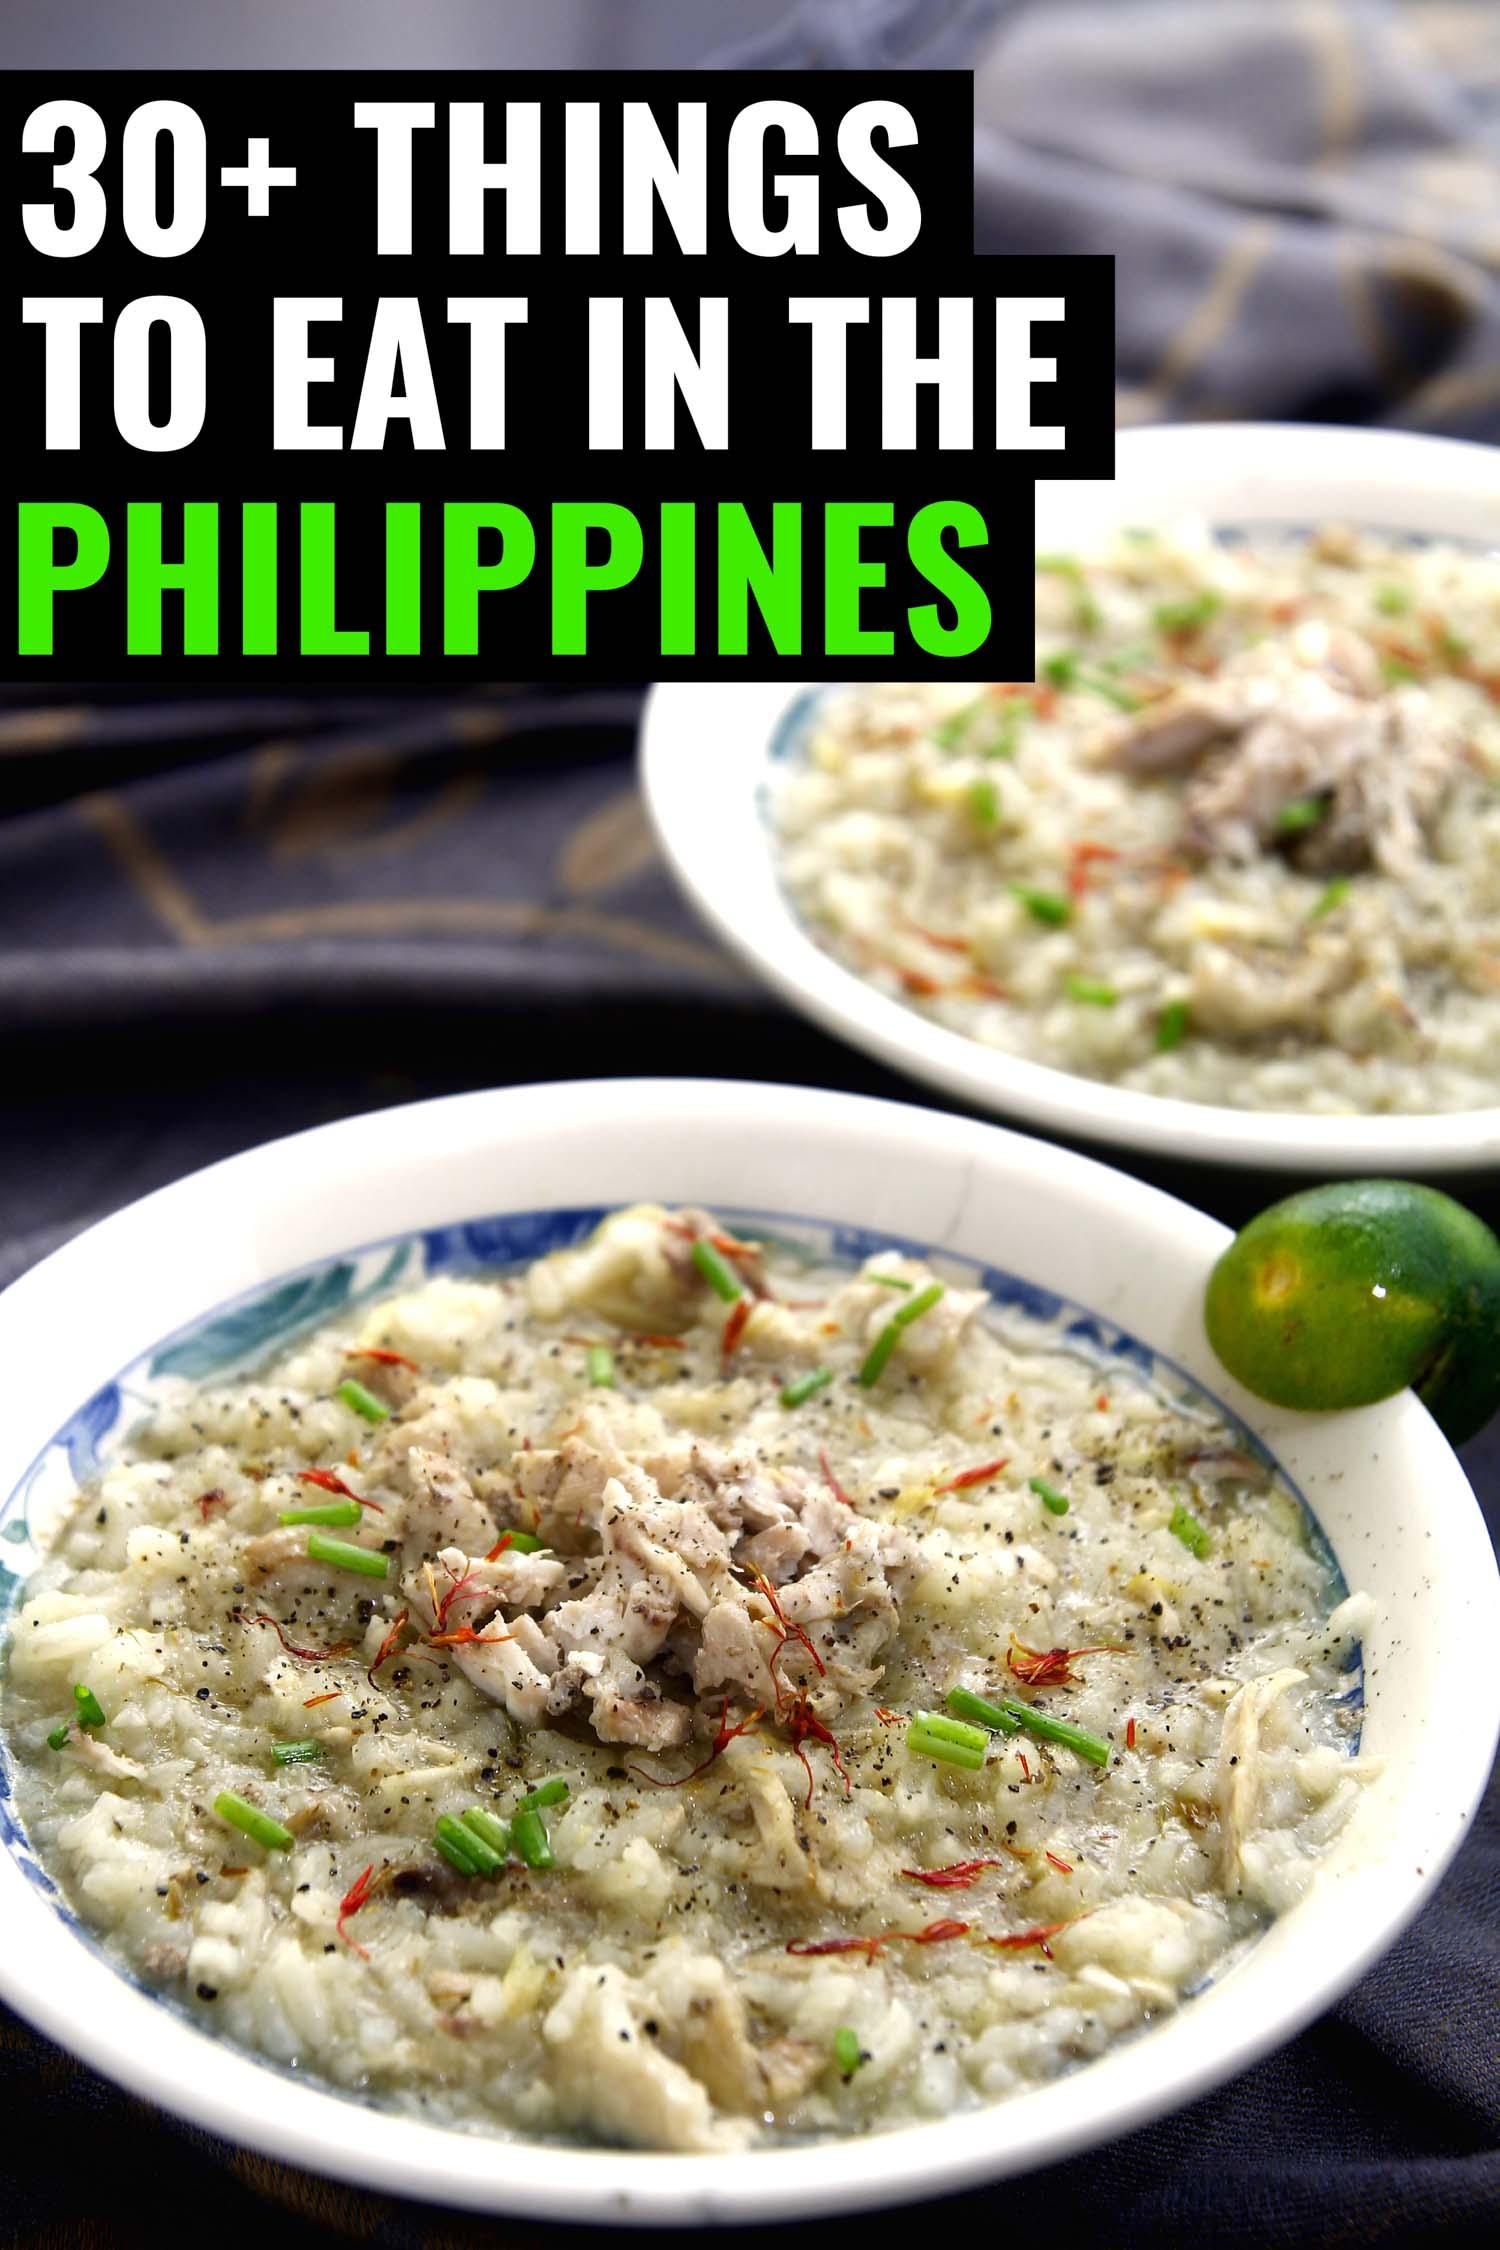 Filipino porridge called arroz caldo